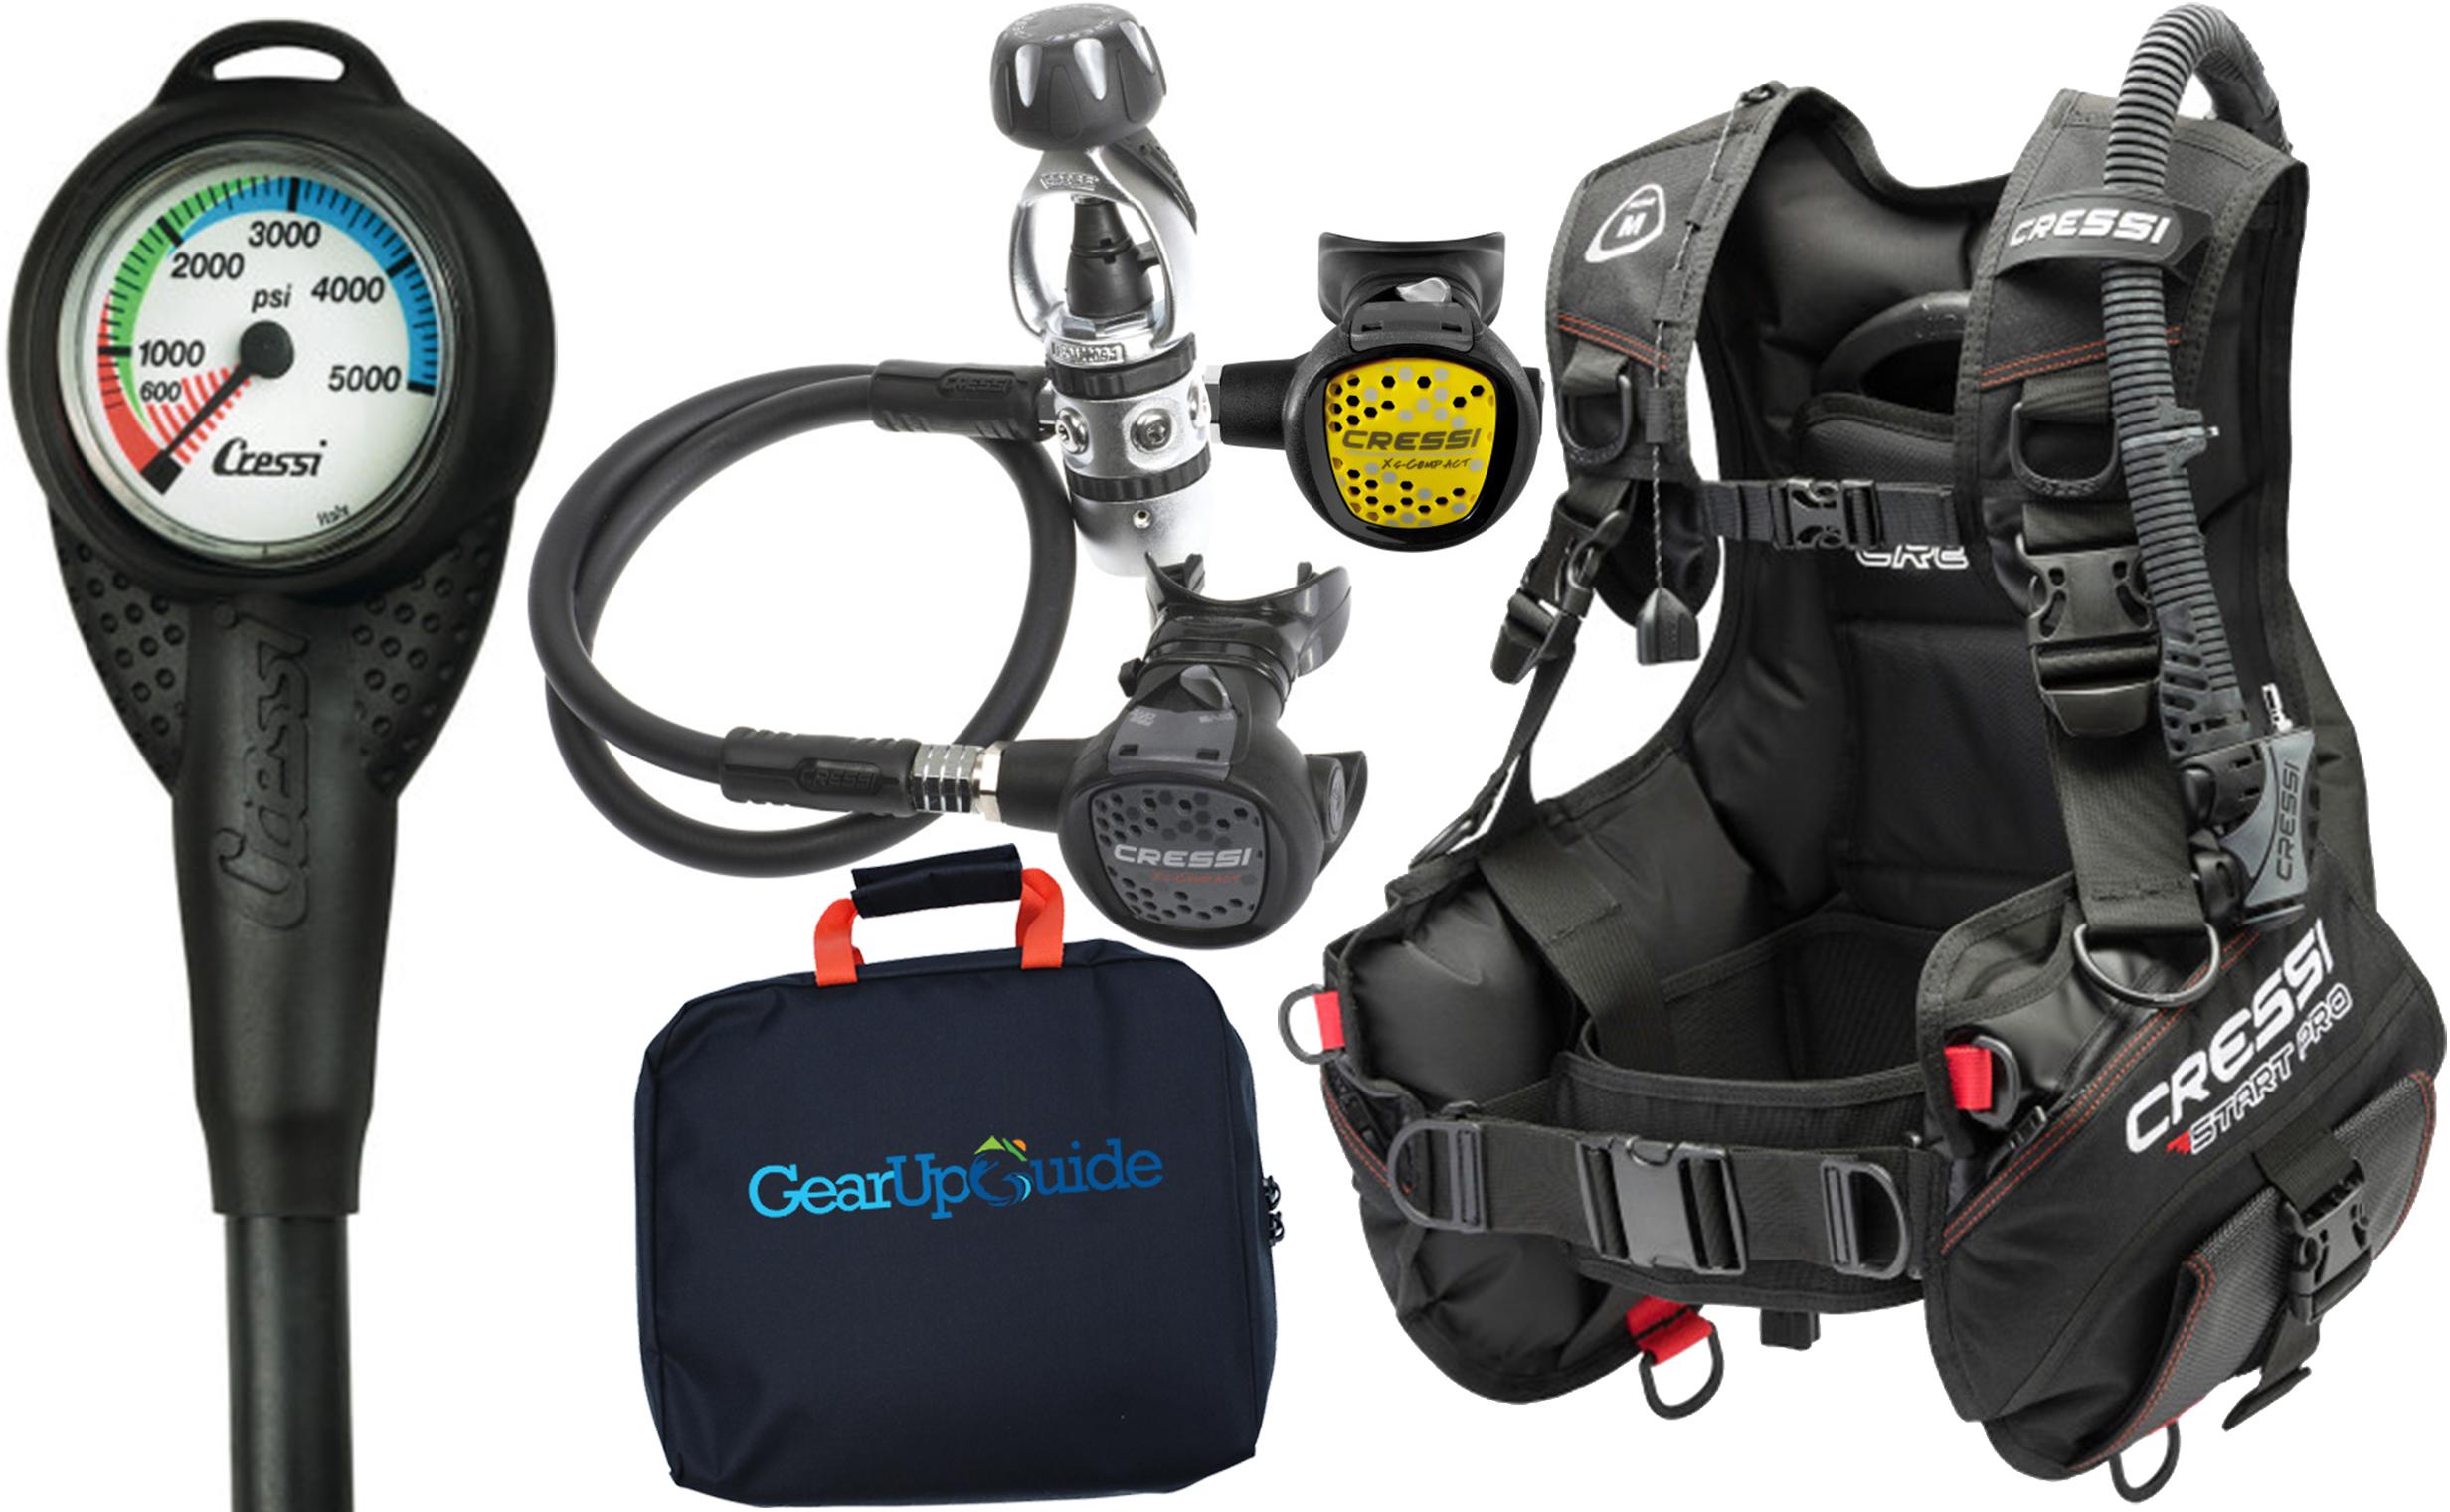 cressi start pro 2 0 scuba diving gear package assembled gupg reg bag ebay